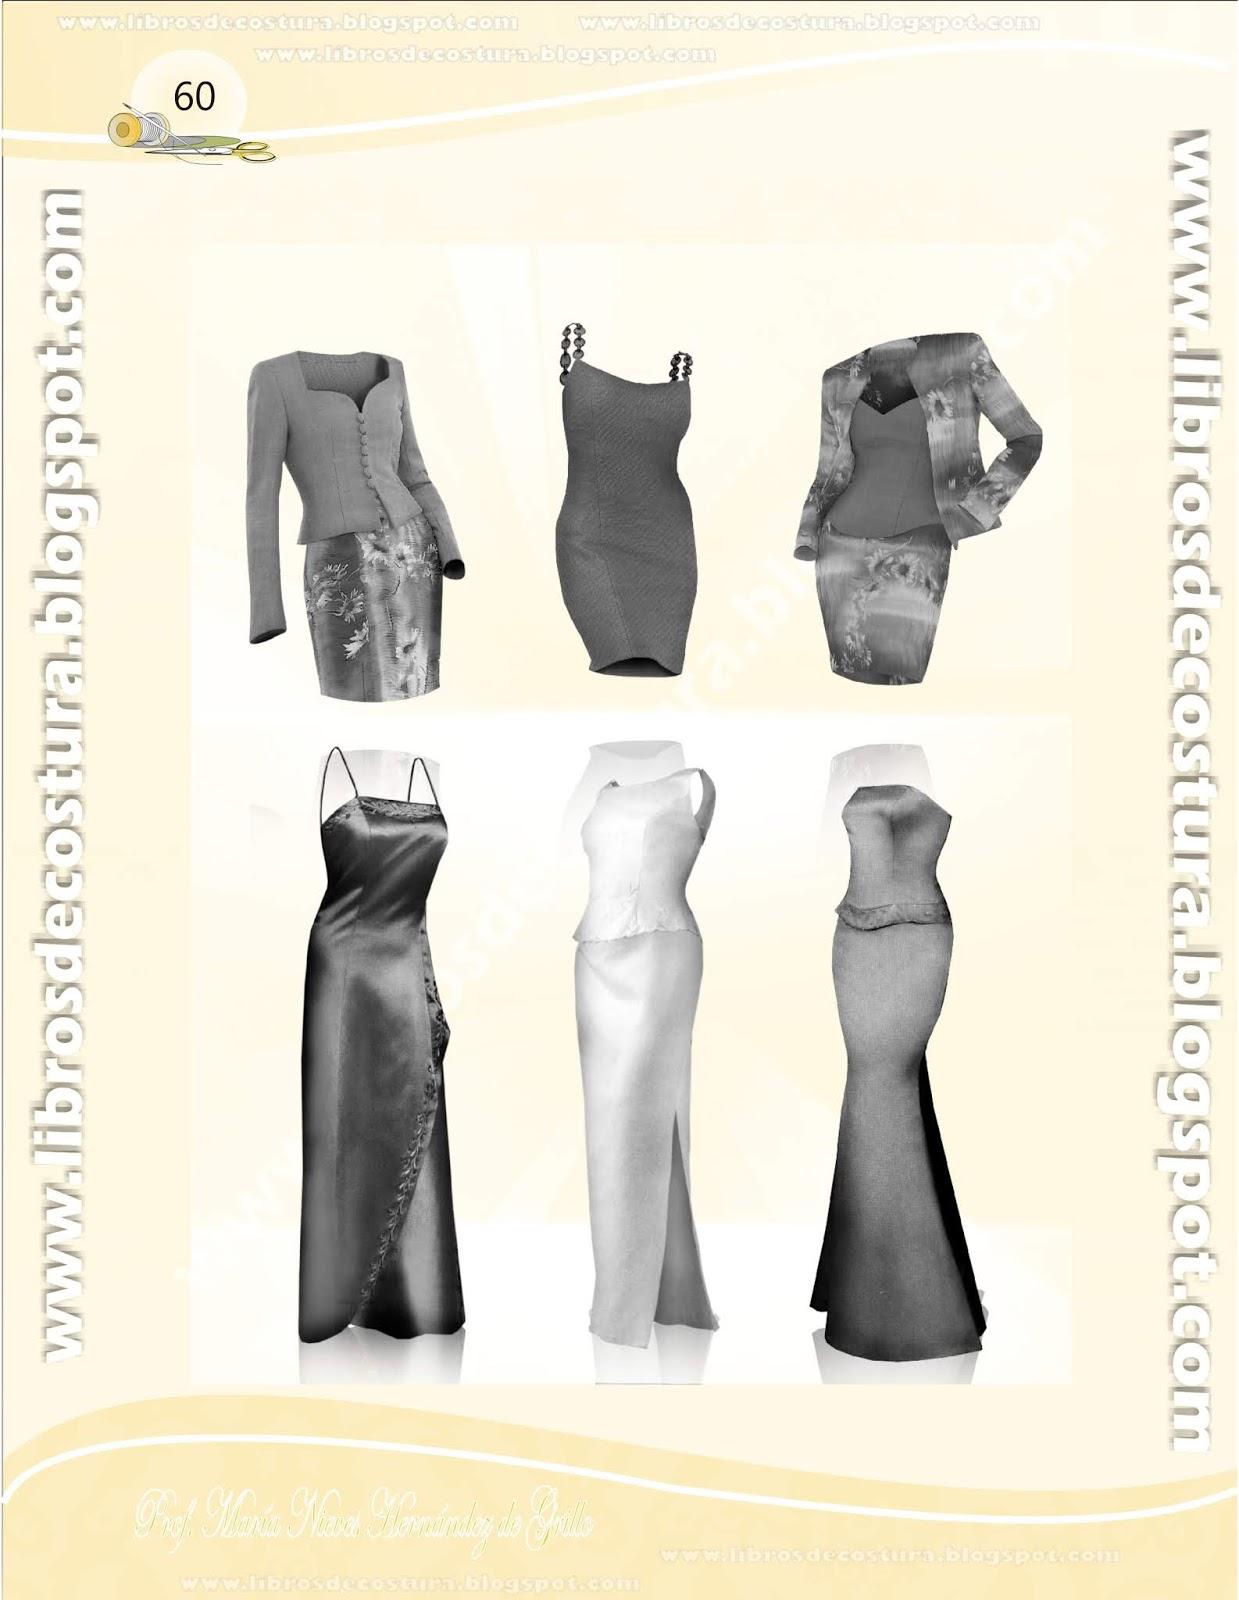 Libros de Costura: Guía Practica de Costura Tomo II